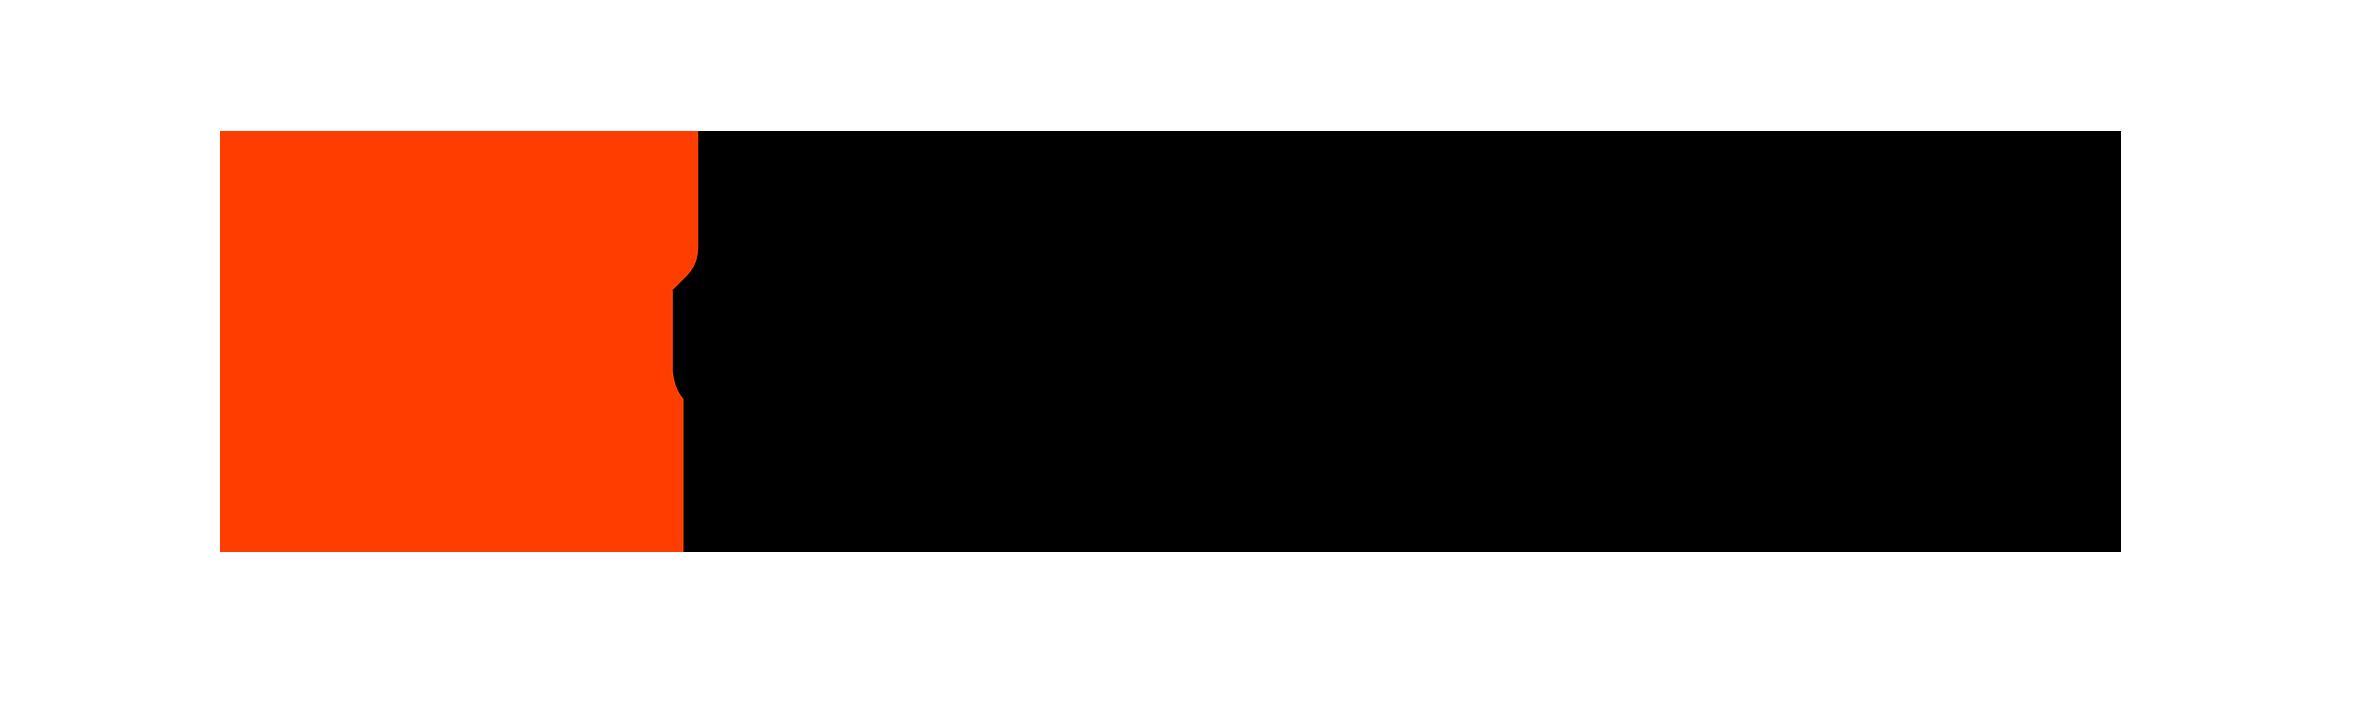 Skin Trust Club logo